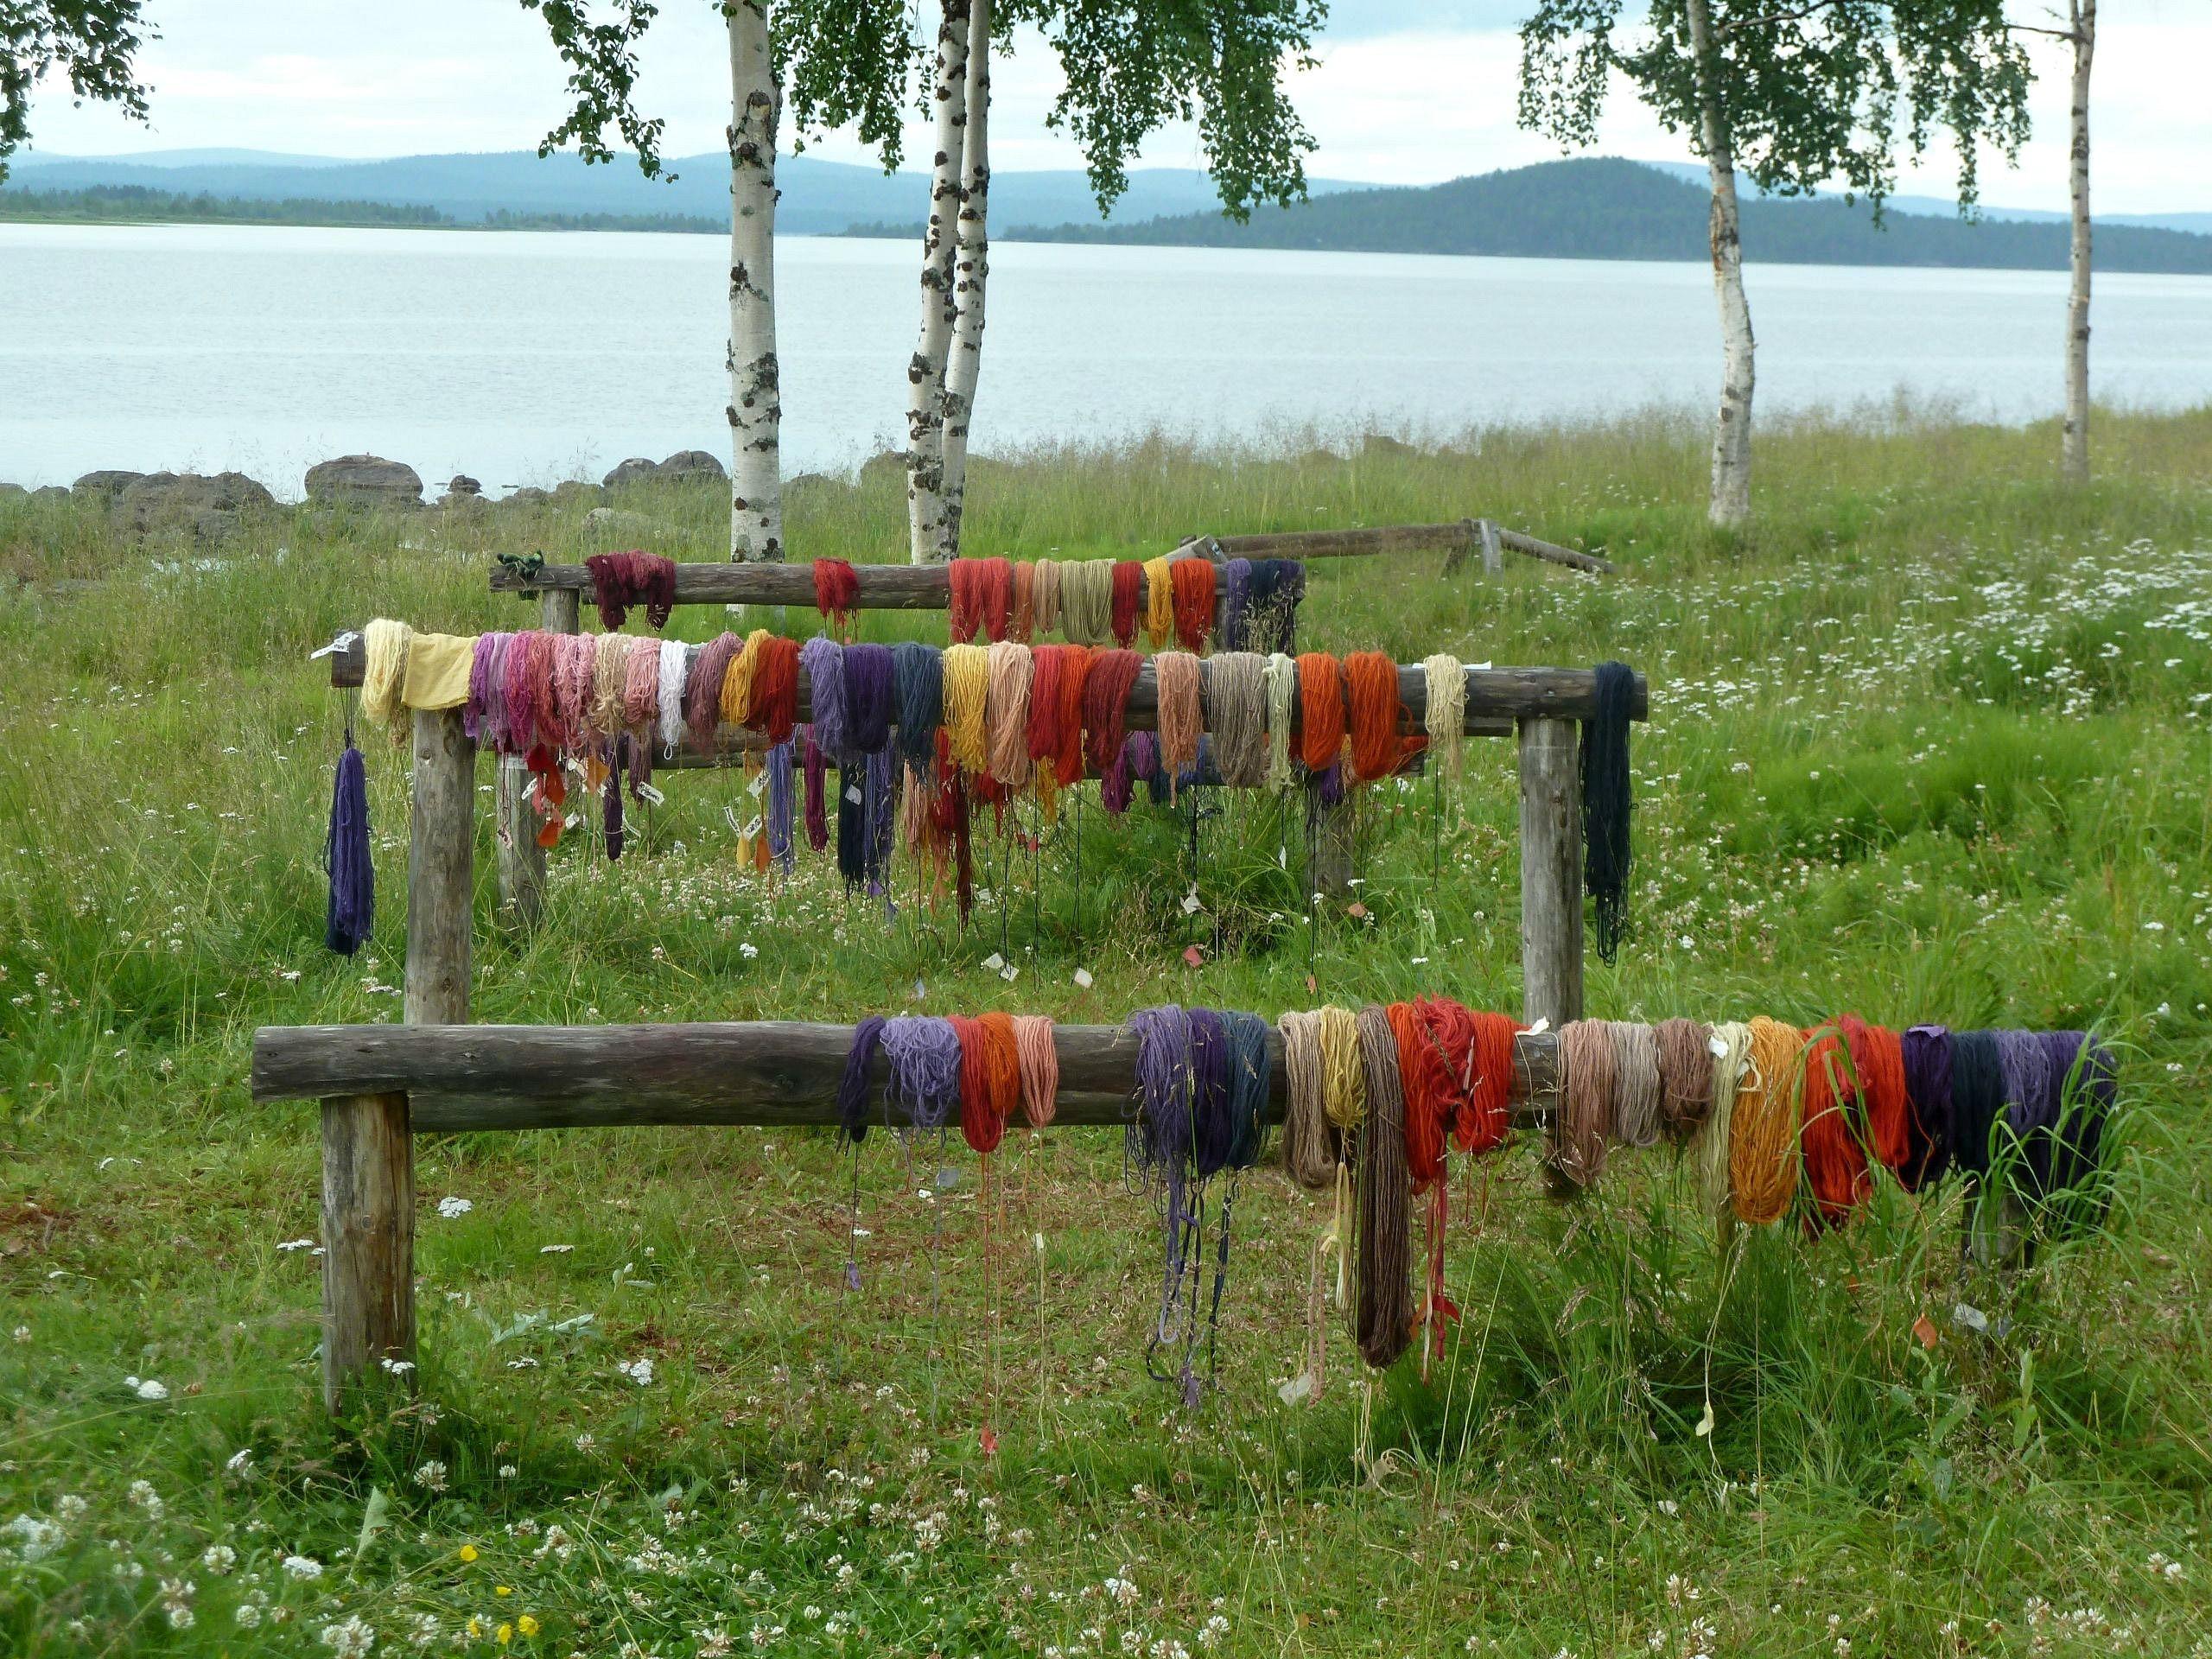 Värjäri värjäsi punaista, violettia, keltaista, oranssia... #jussakka  #punainen #violetti #lila #oranssi #keltainen #colors #natural #dyed www.facebook.com/pages/JUSSAKKA-Oda-K/173696896121402